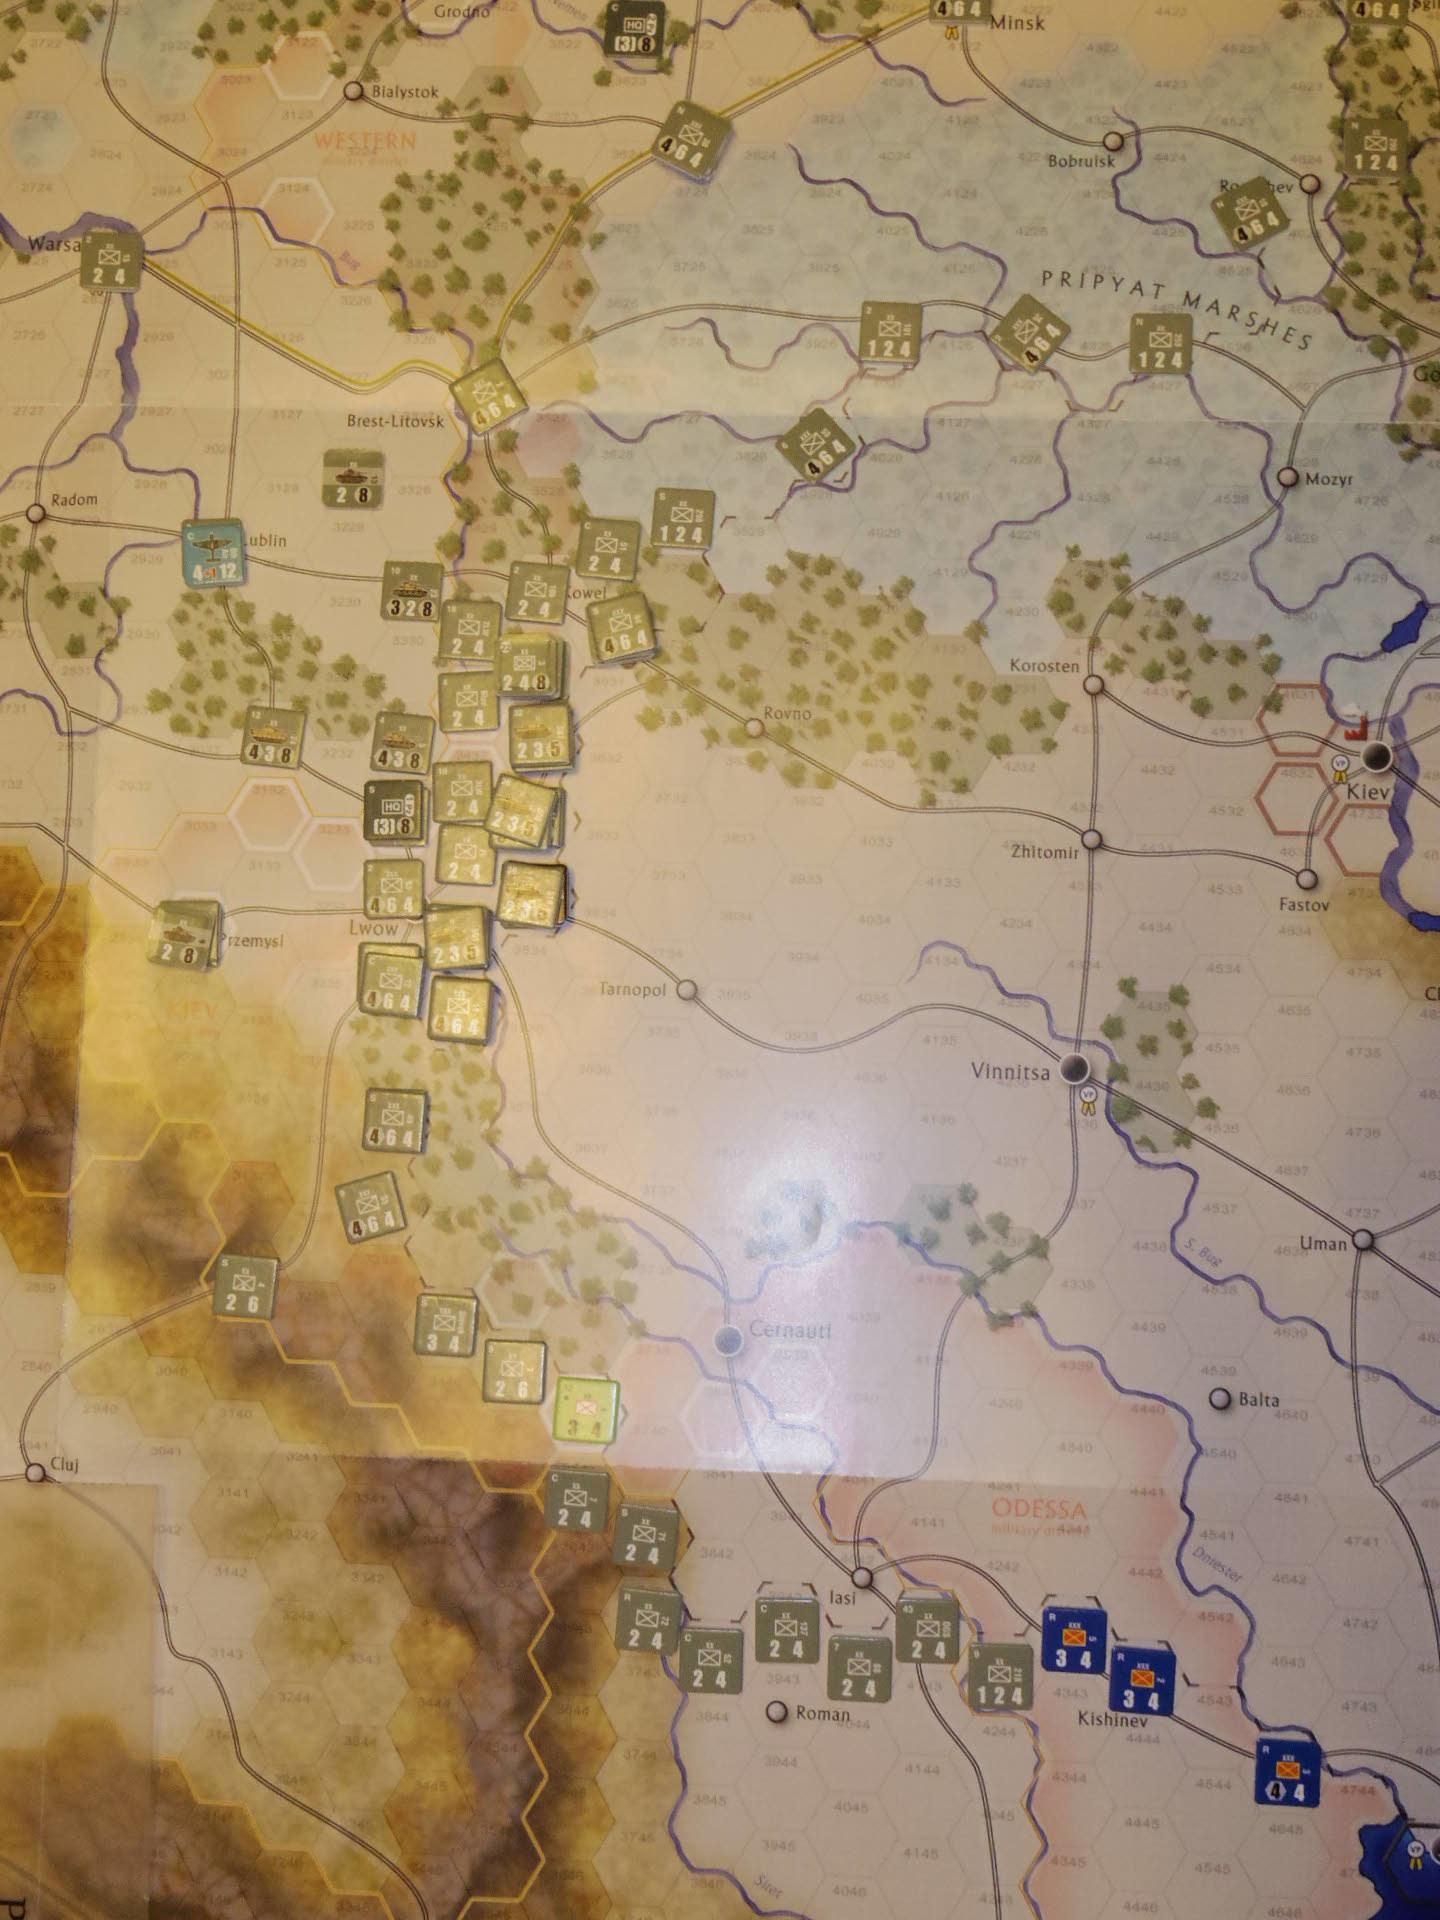 2年振りの再戦に備えて着々と準備は進む...(GMT)The Dark Valley  ダーク・ヴァレー 「バグラチオン:1944シナリオ」_b0173672_20582144.jpg